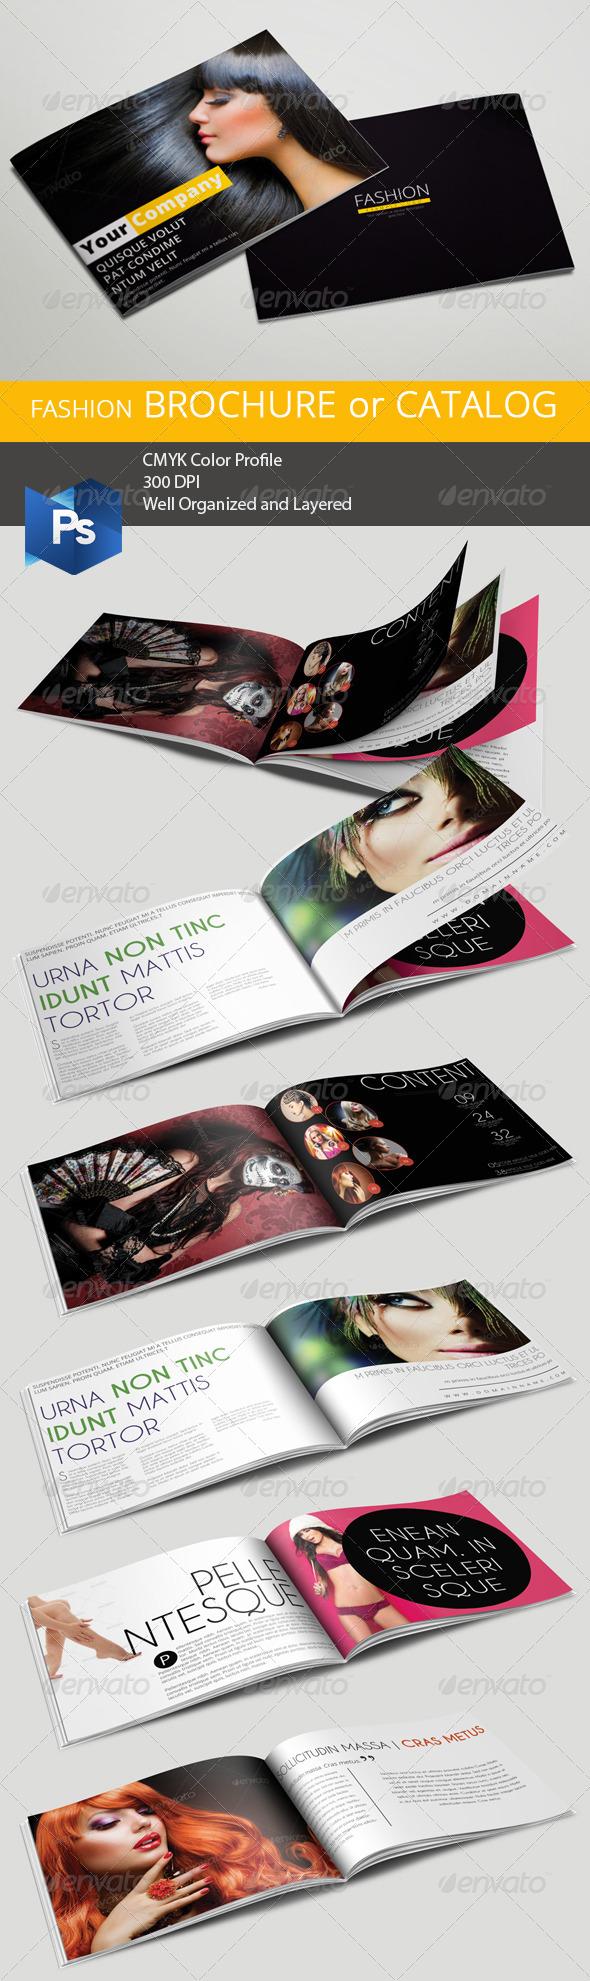 GraphicRiver A5 Fashion Brochure Catalog 6488087